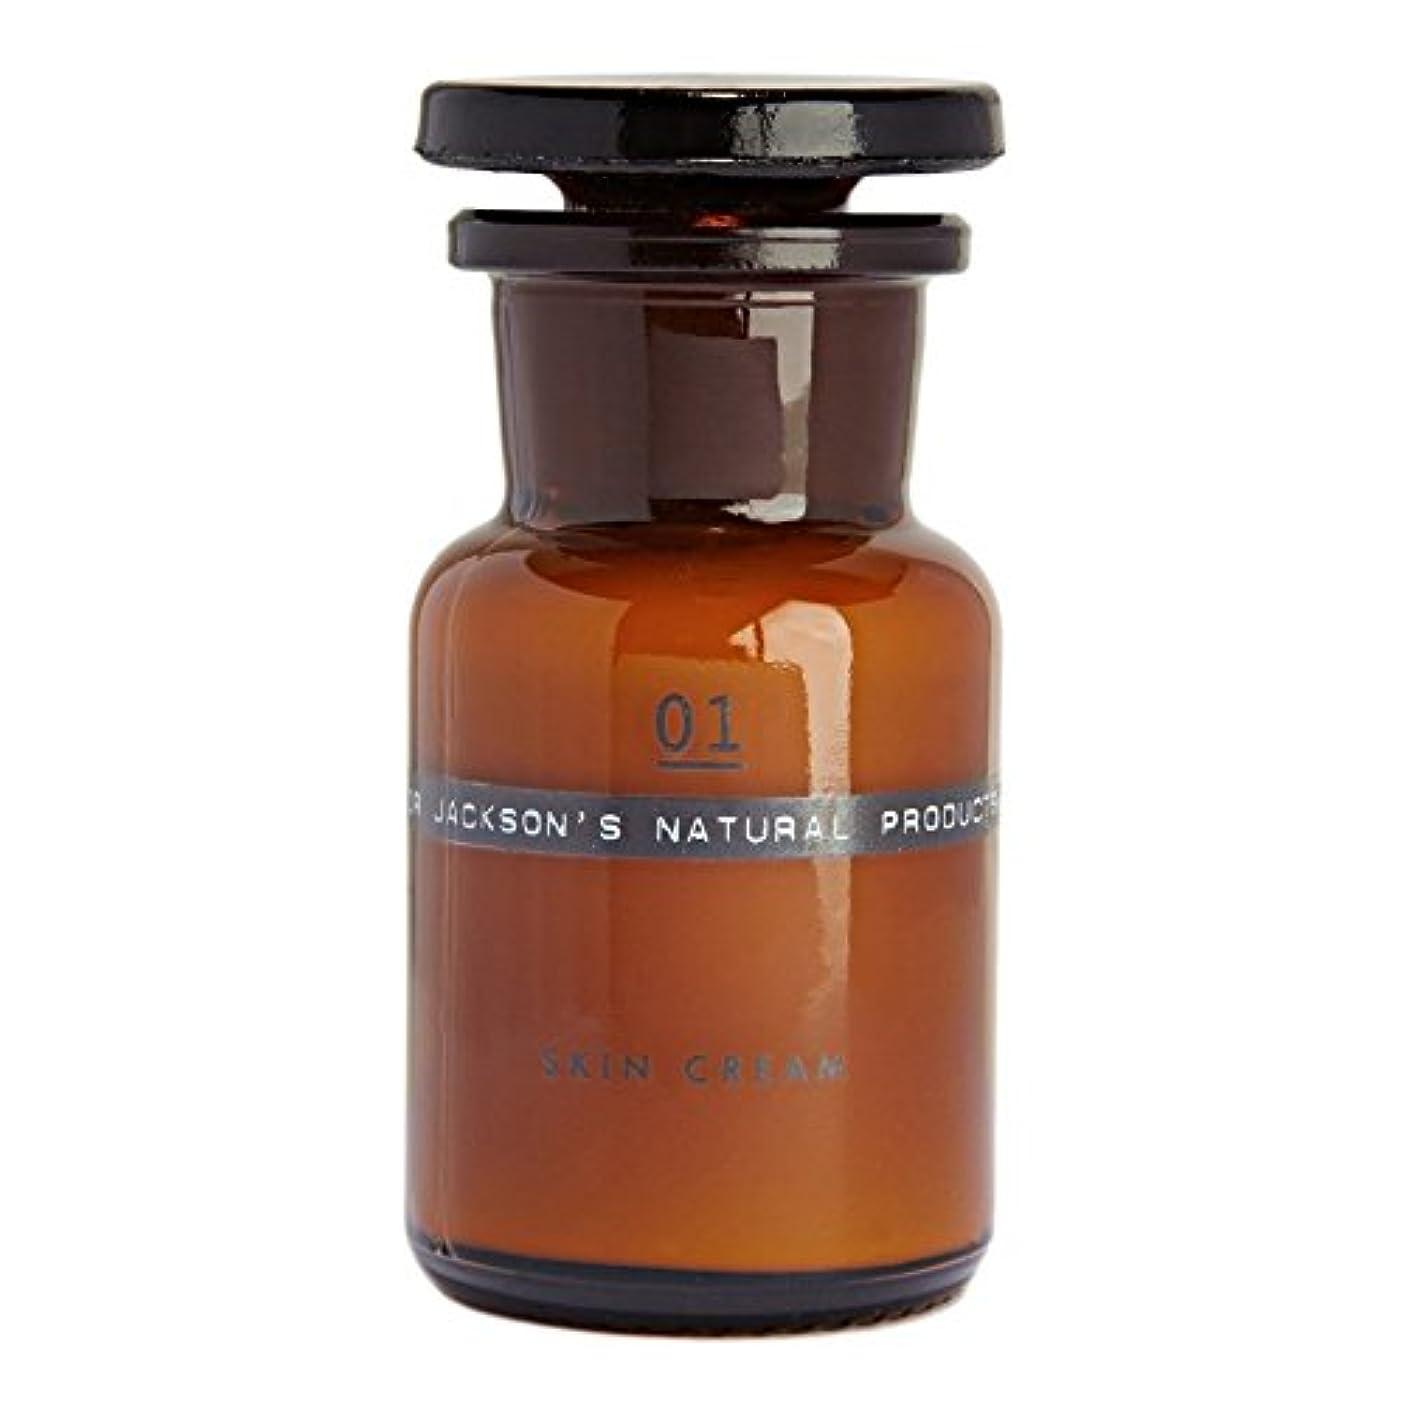 タイプライターメロディー嘆願Dr Jackson's 01 Day Skin Cream SPF20 50ml - ジャクソンの01日間のスキンクリーム20の50ミリリットル [並行輸入品]